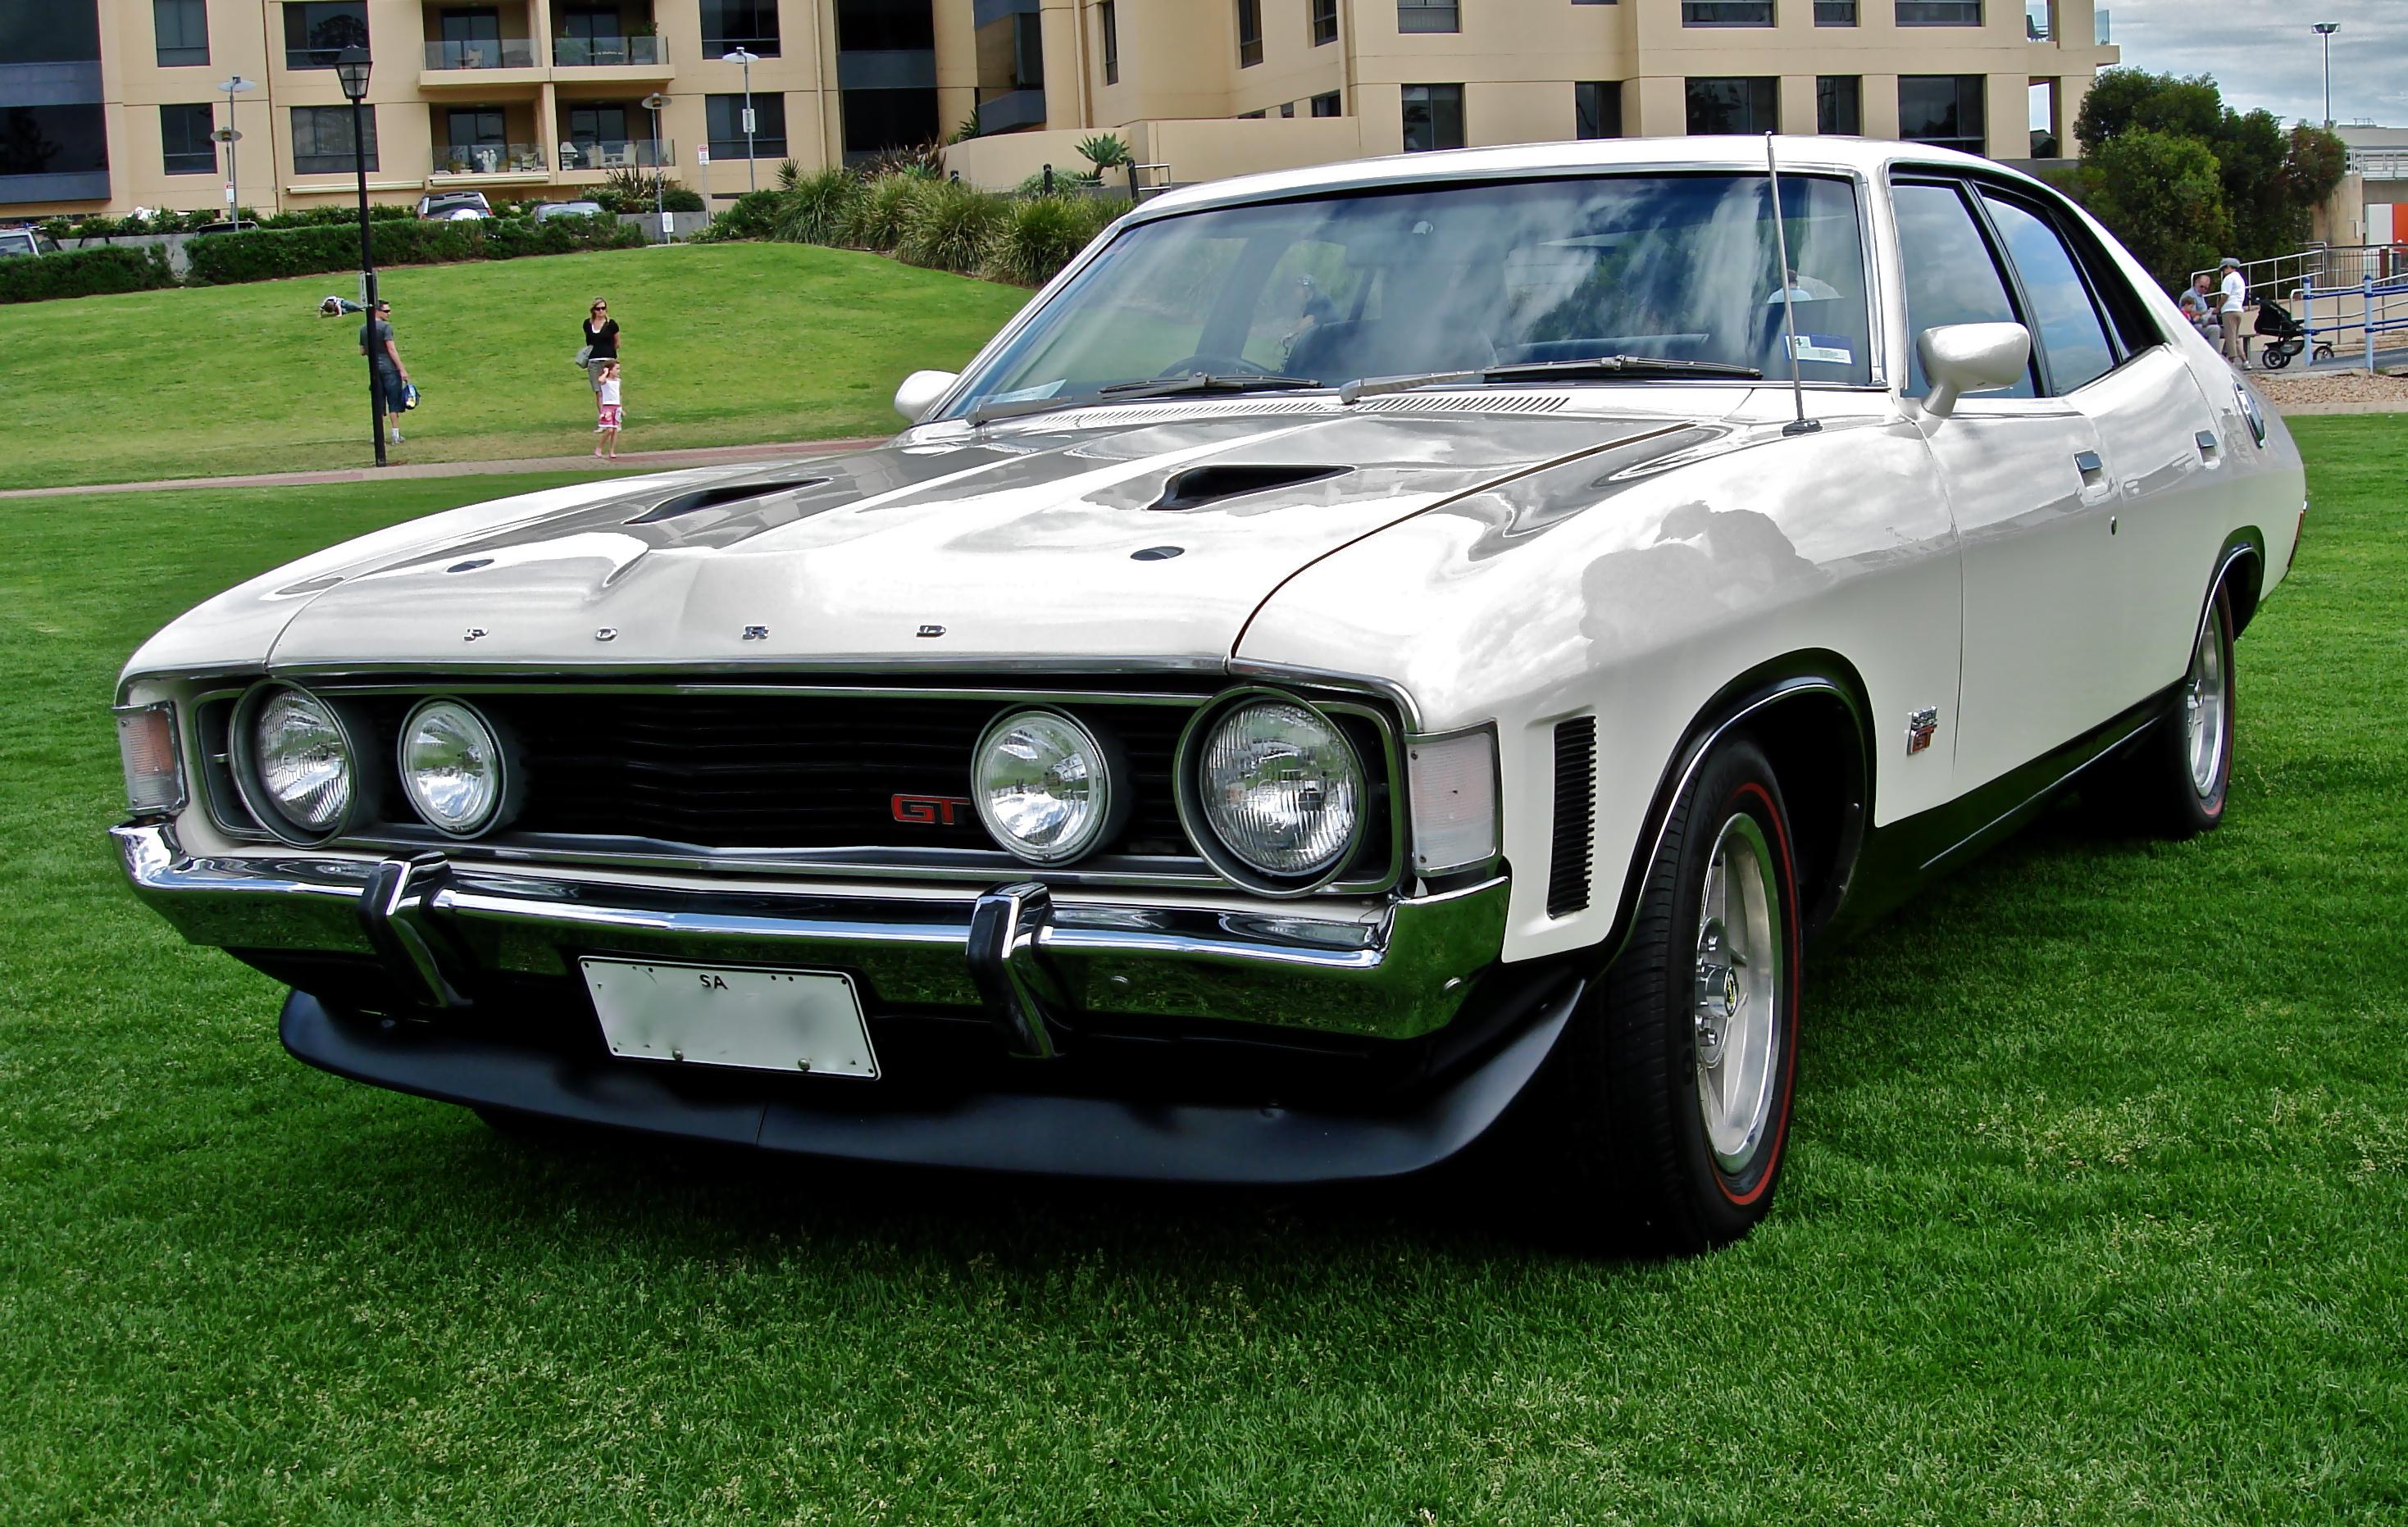 Ford Falcon III (XA, XB, XC) 1972 - 1979 Sedan #2